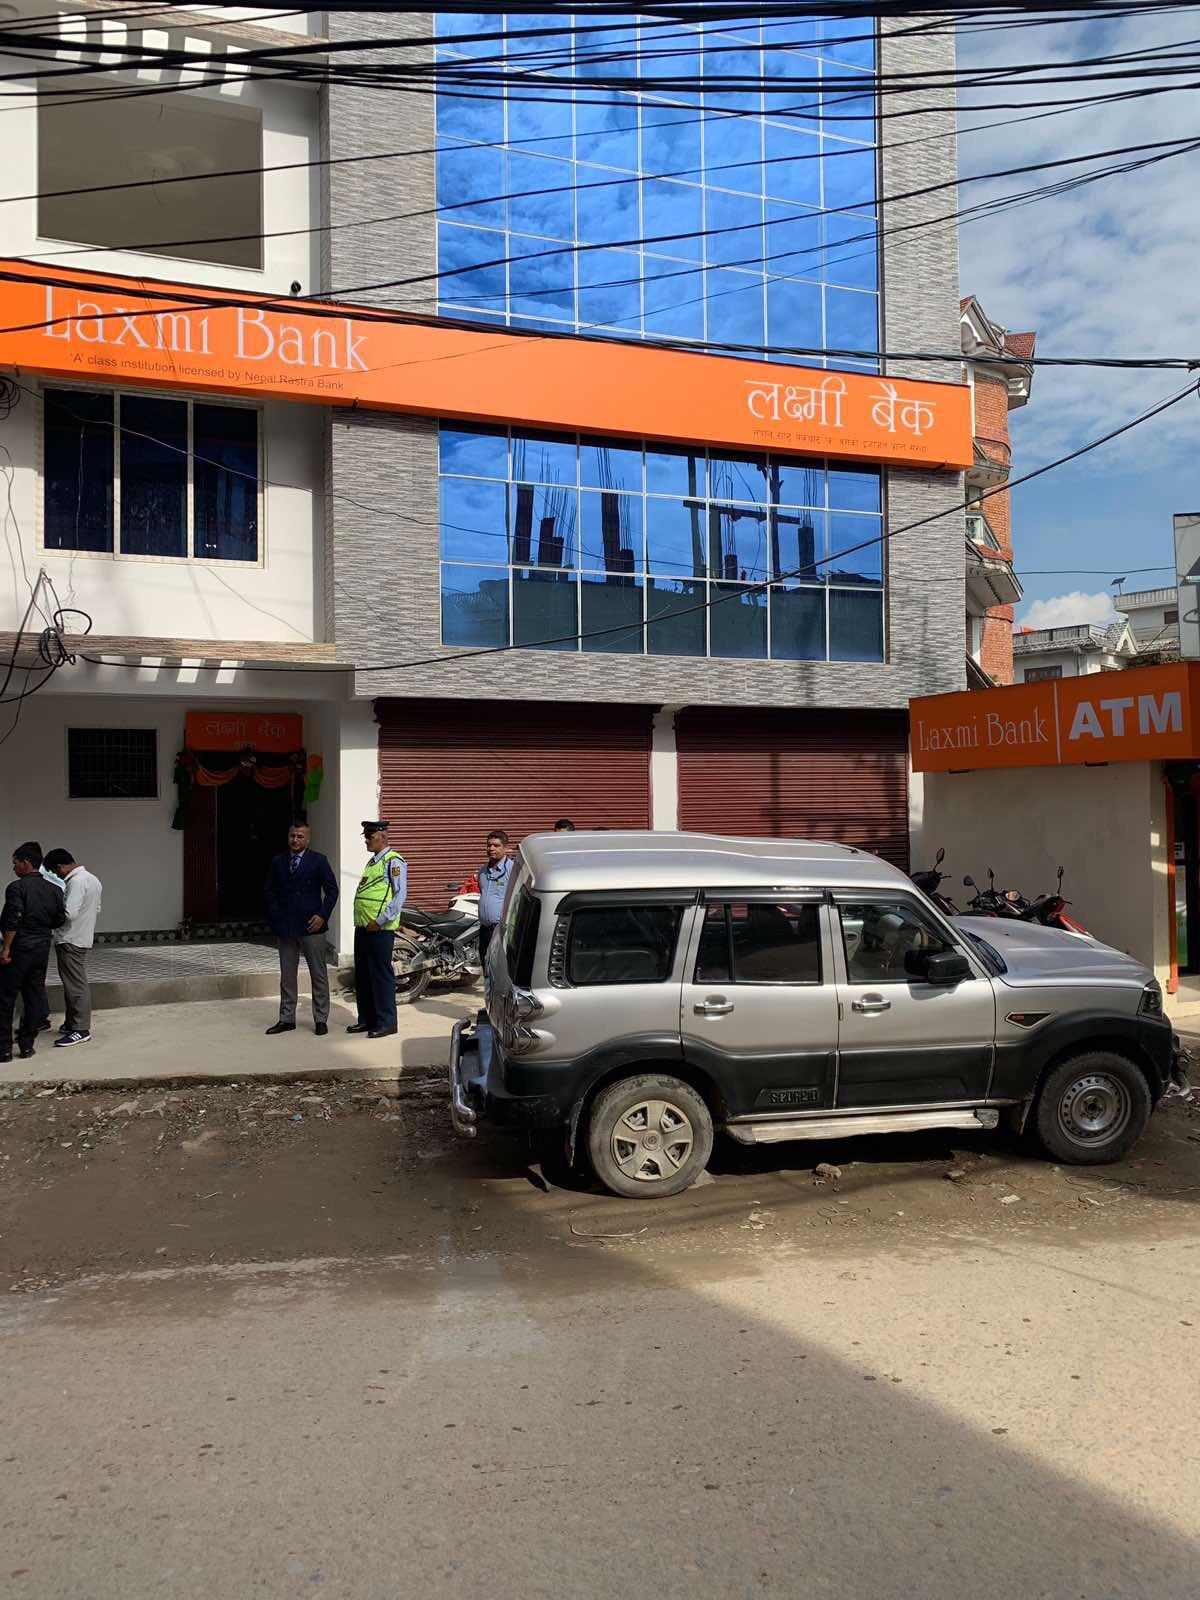 काठमाडौं र मोरङमा लक्ष्मी बैंकको शाखा विस्तार